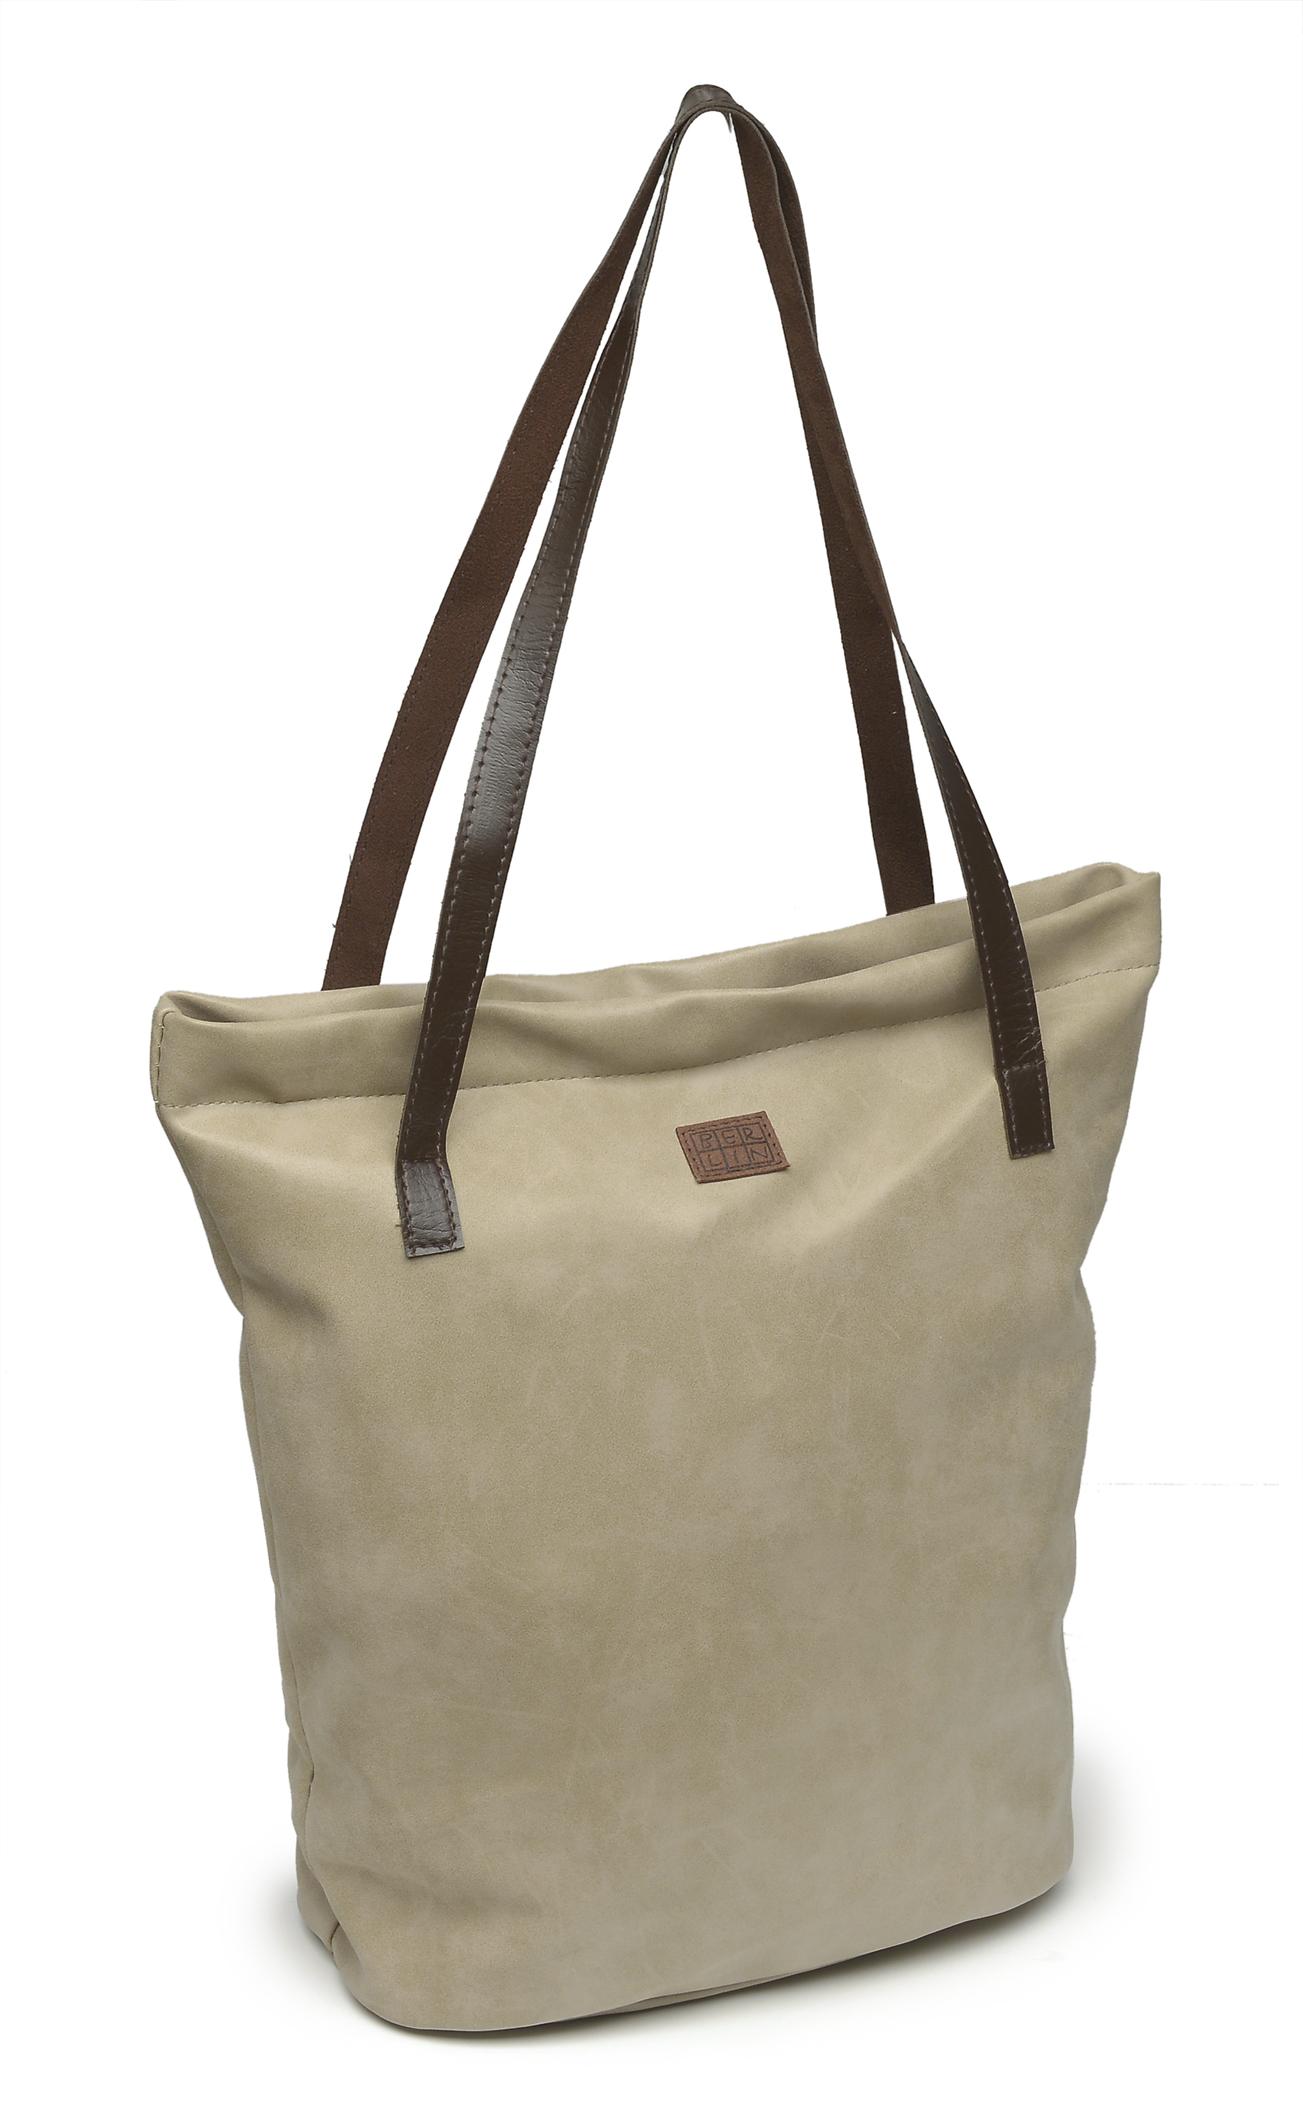 030-2502_Lady-Shopper_beige